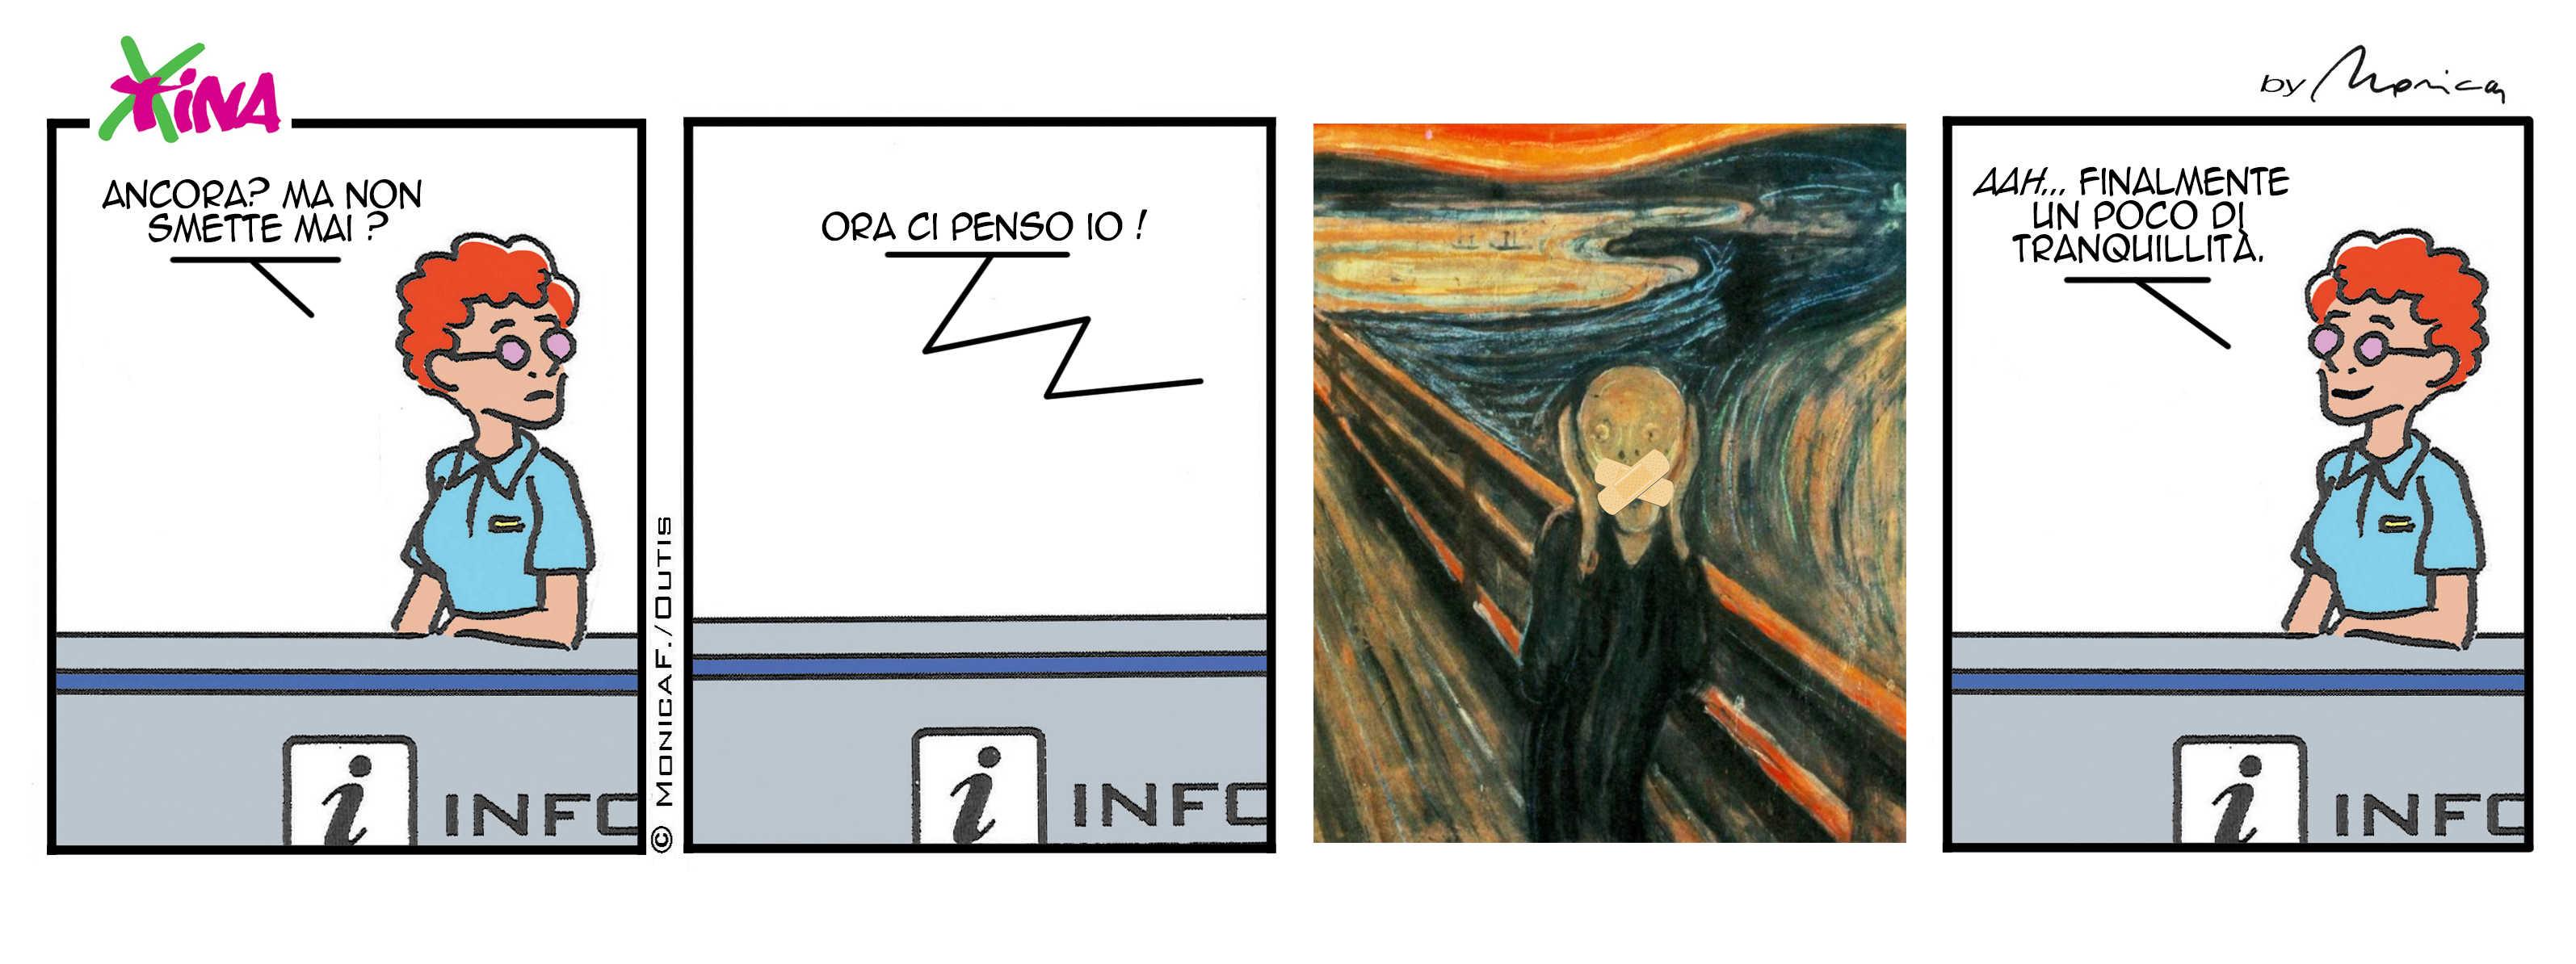 Xtina comic strip the scream-er